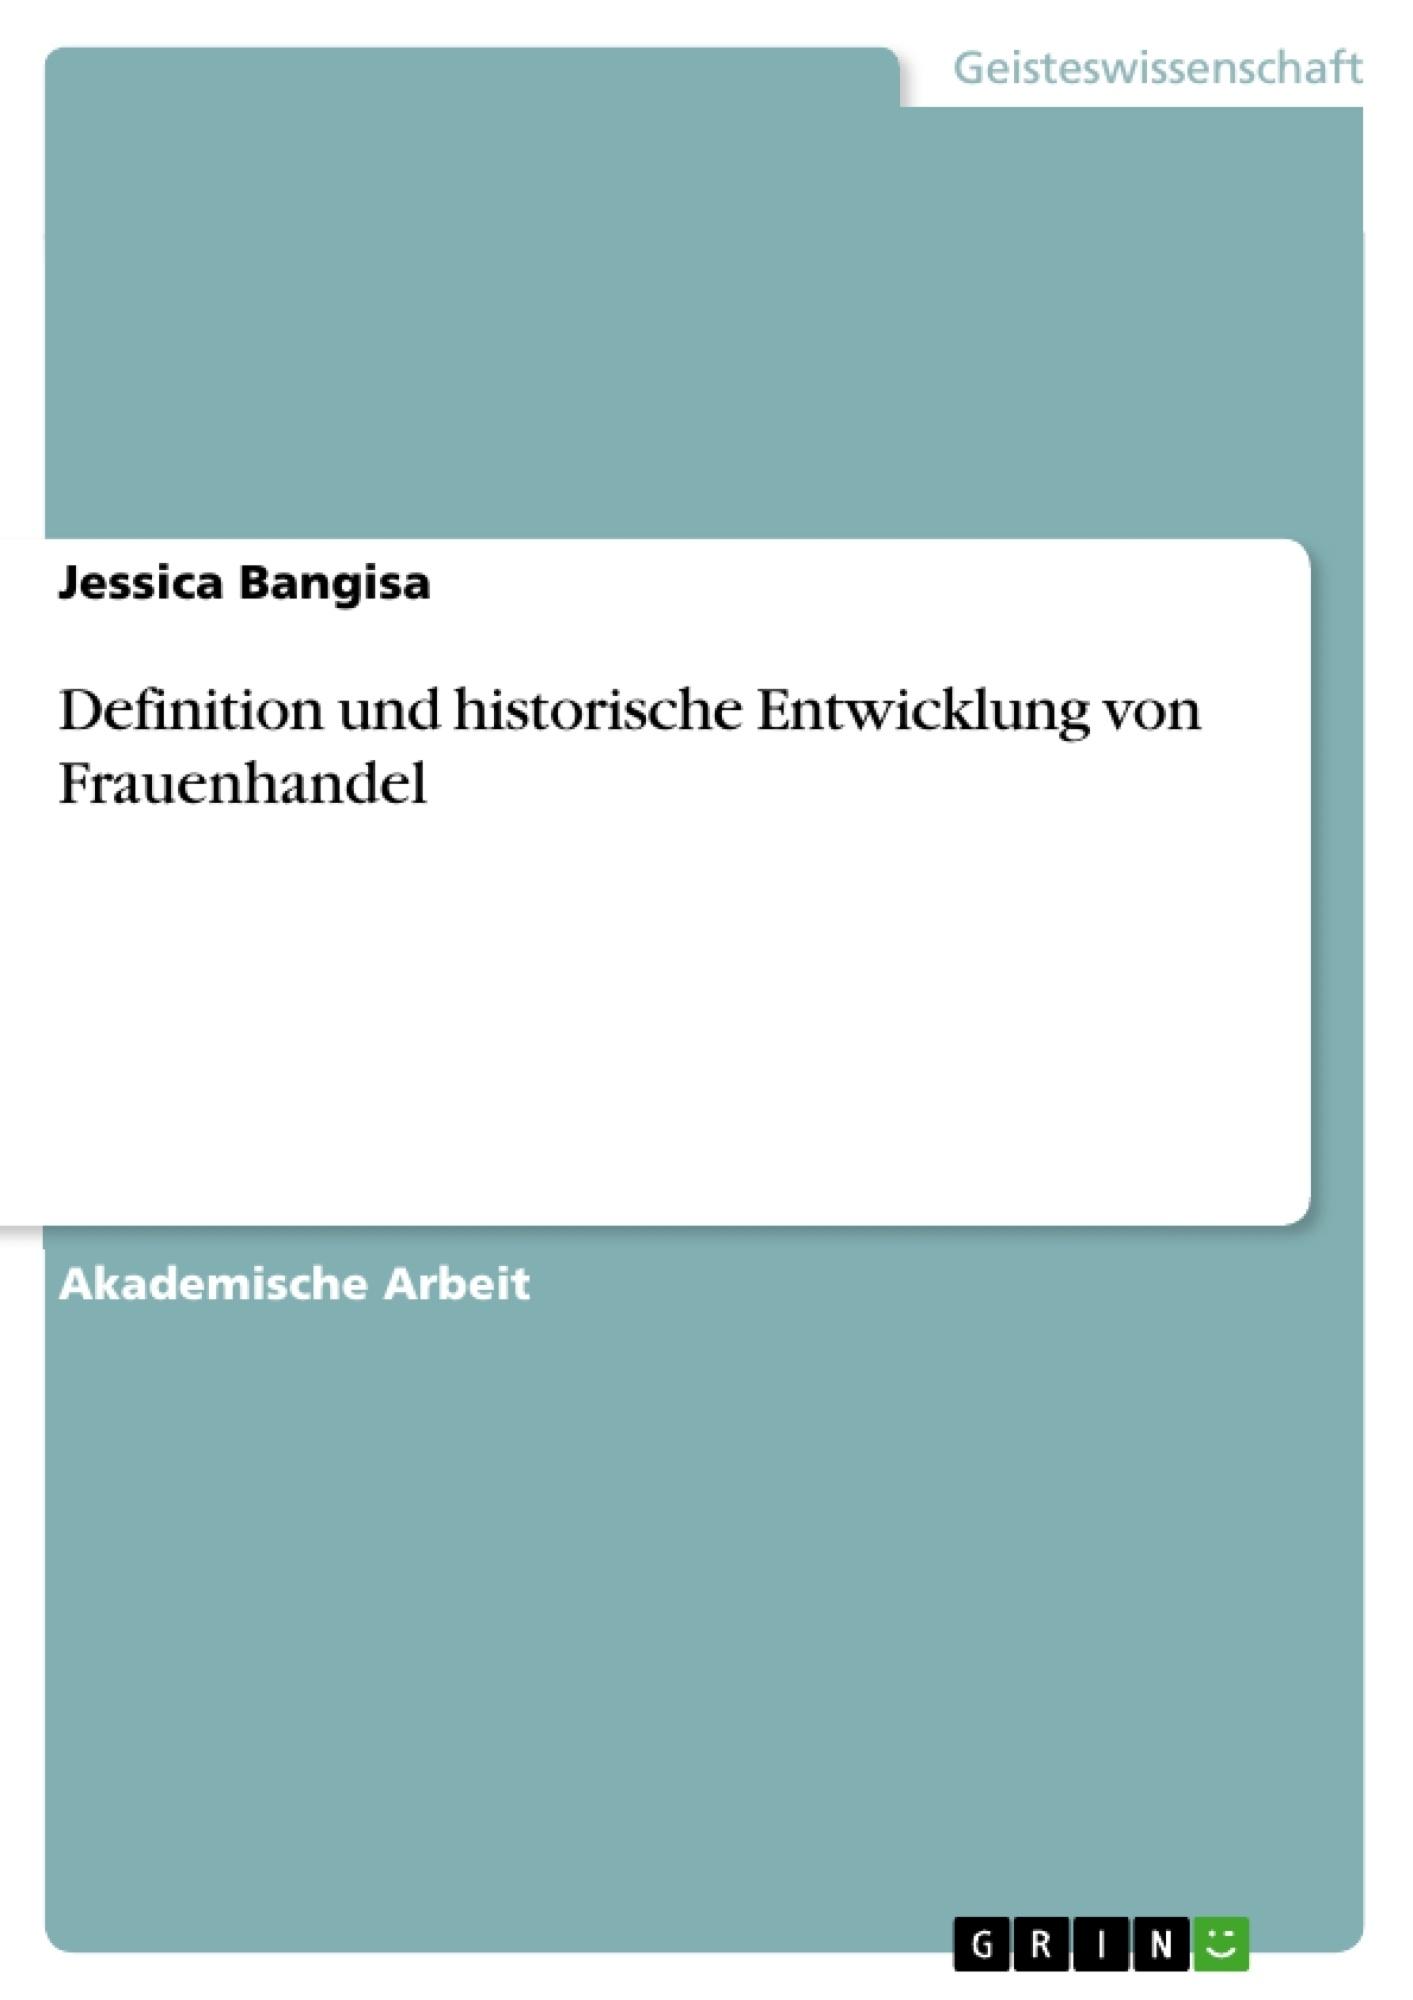 Titel: Definition und historische Entwicklung von Frauenhandel